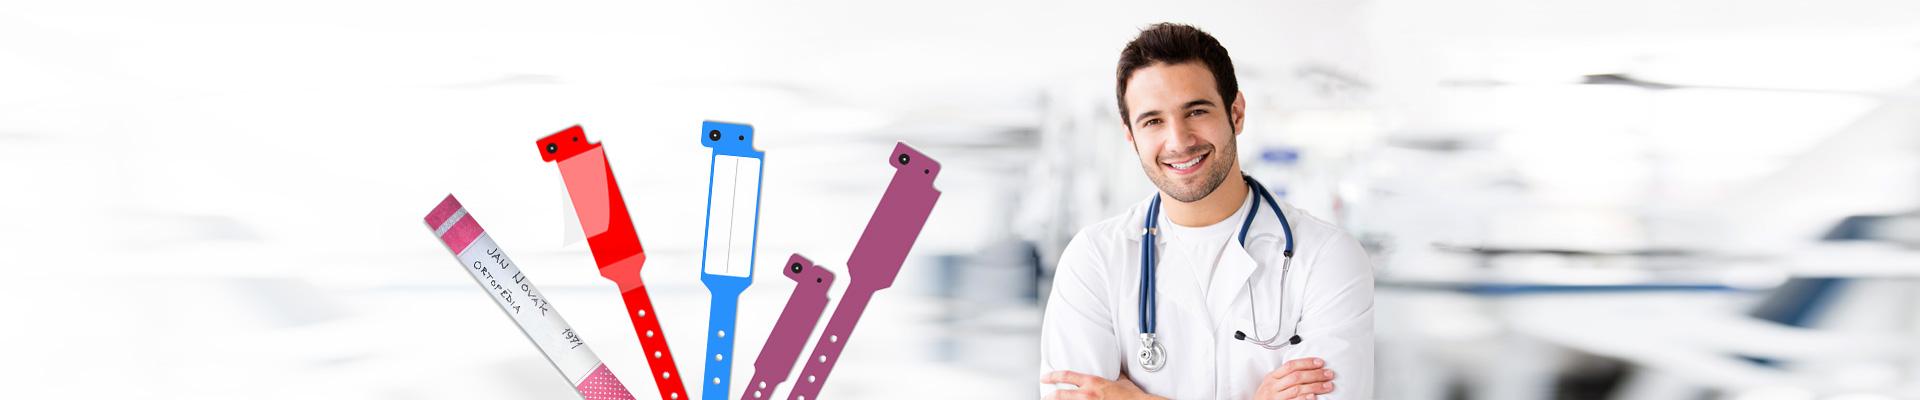 identifikacia pacientov pasky idfix.sk